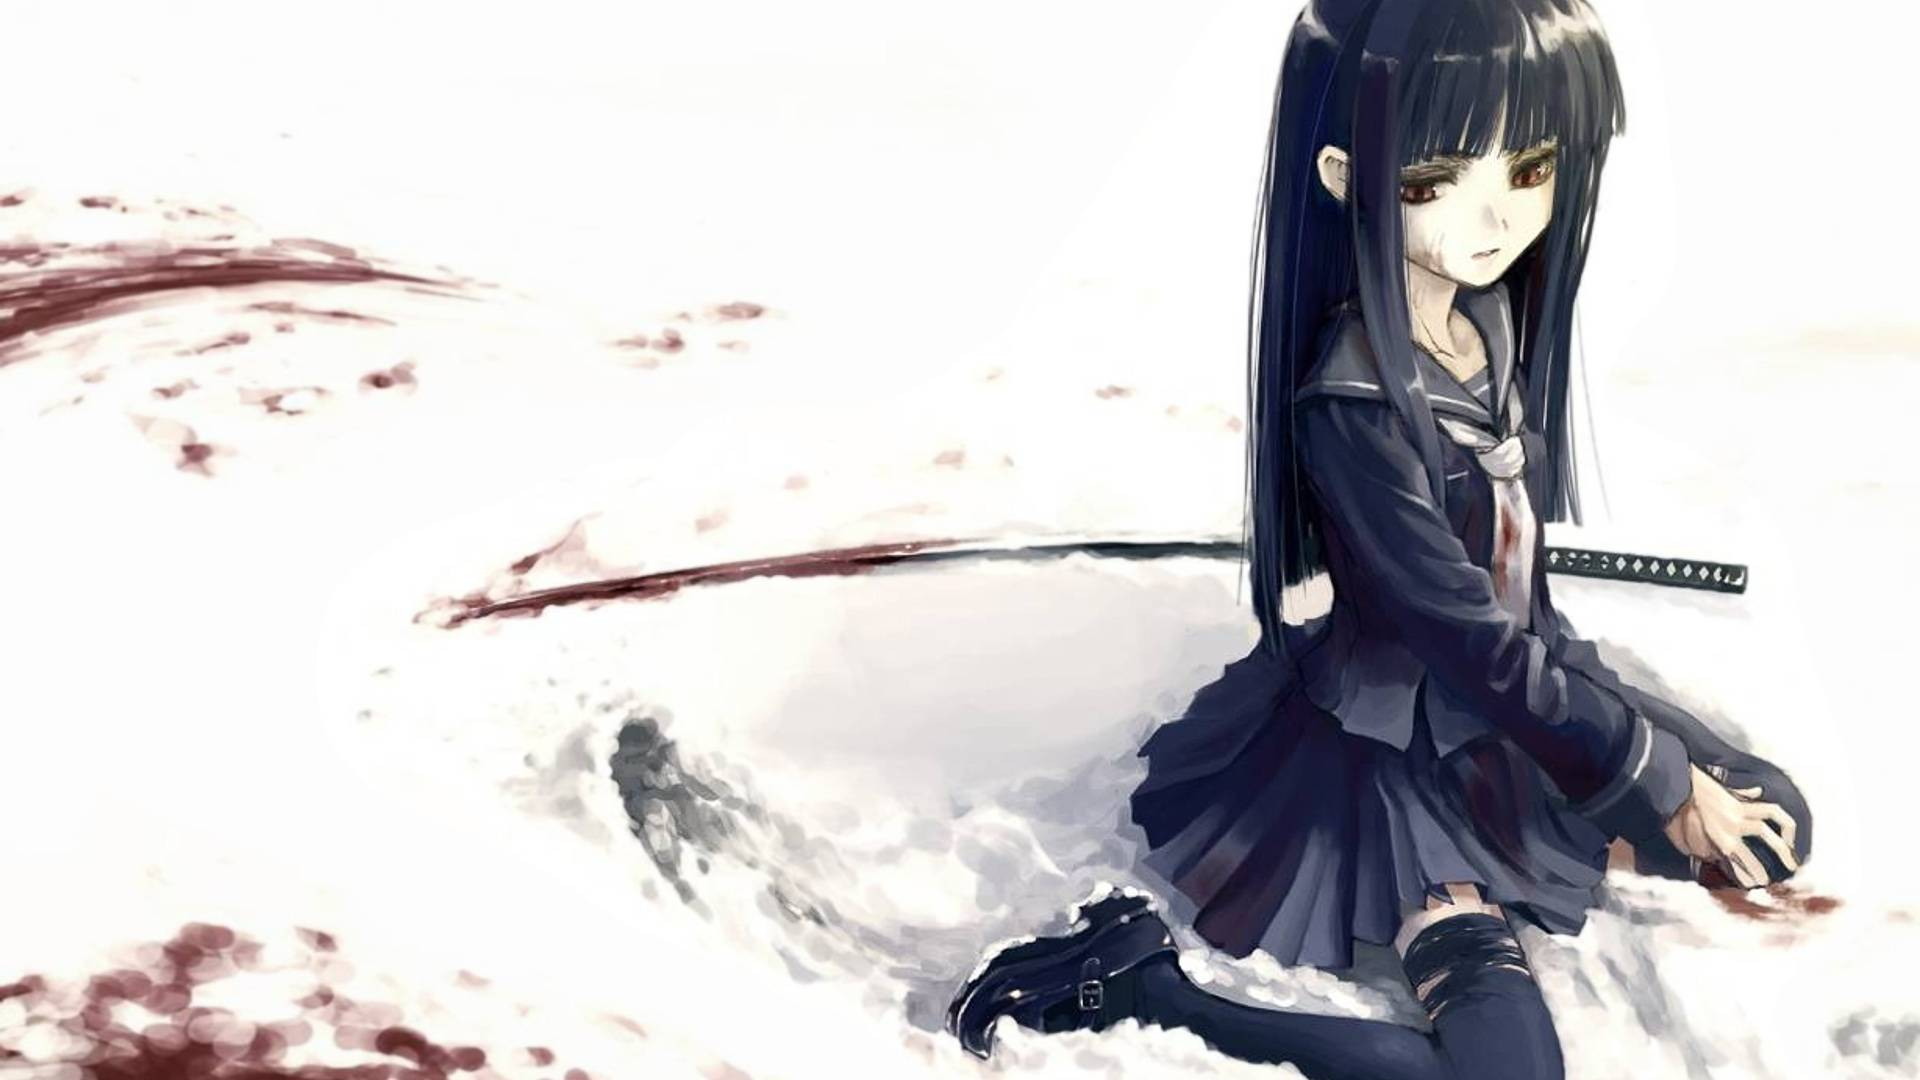 samurai girl samurai girl 1920x1080